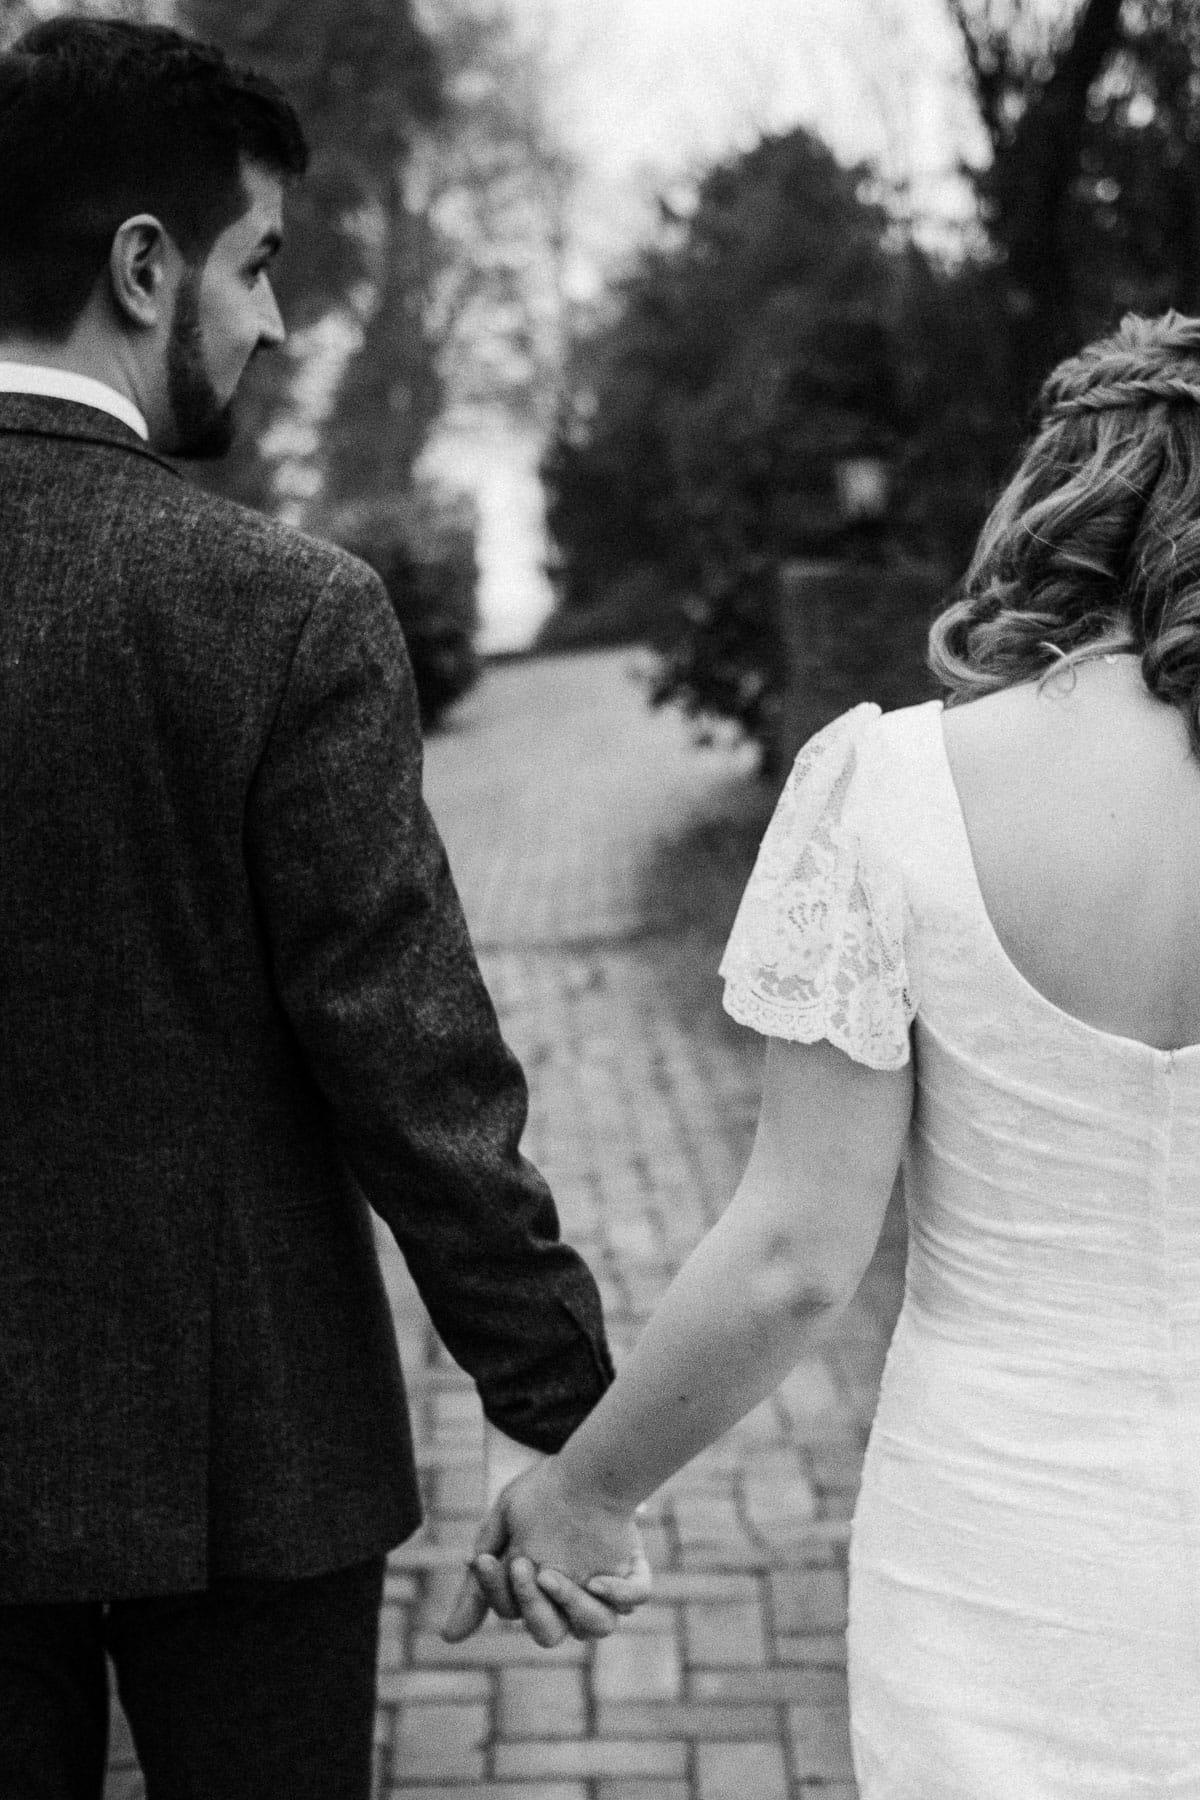 das Brautpaar geht Hand in Hand einen kleinen, gepflsterten Weg eines Gartens entlang, sie trägt ein langes Brautkleid, er trägt einen Anzug